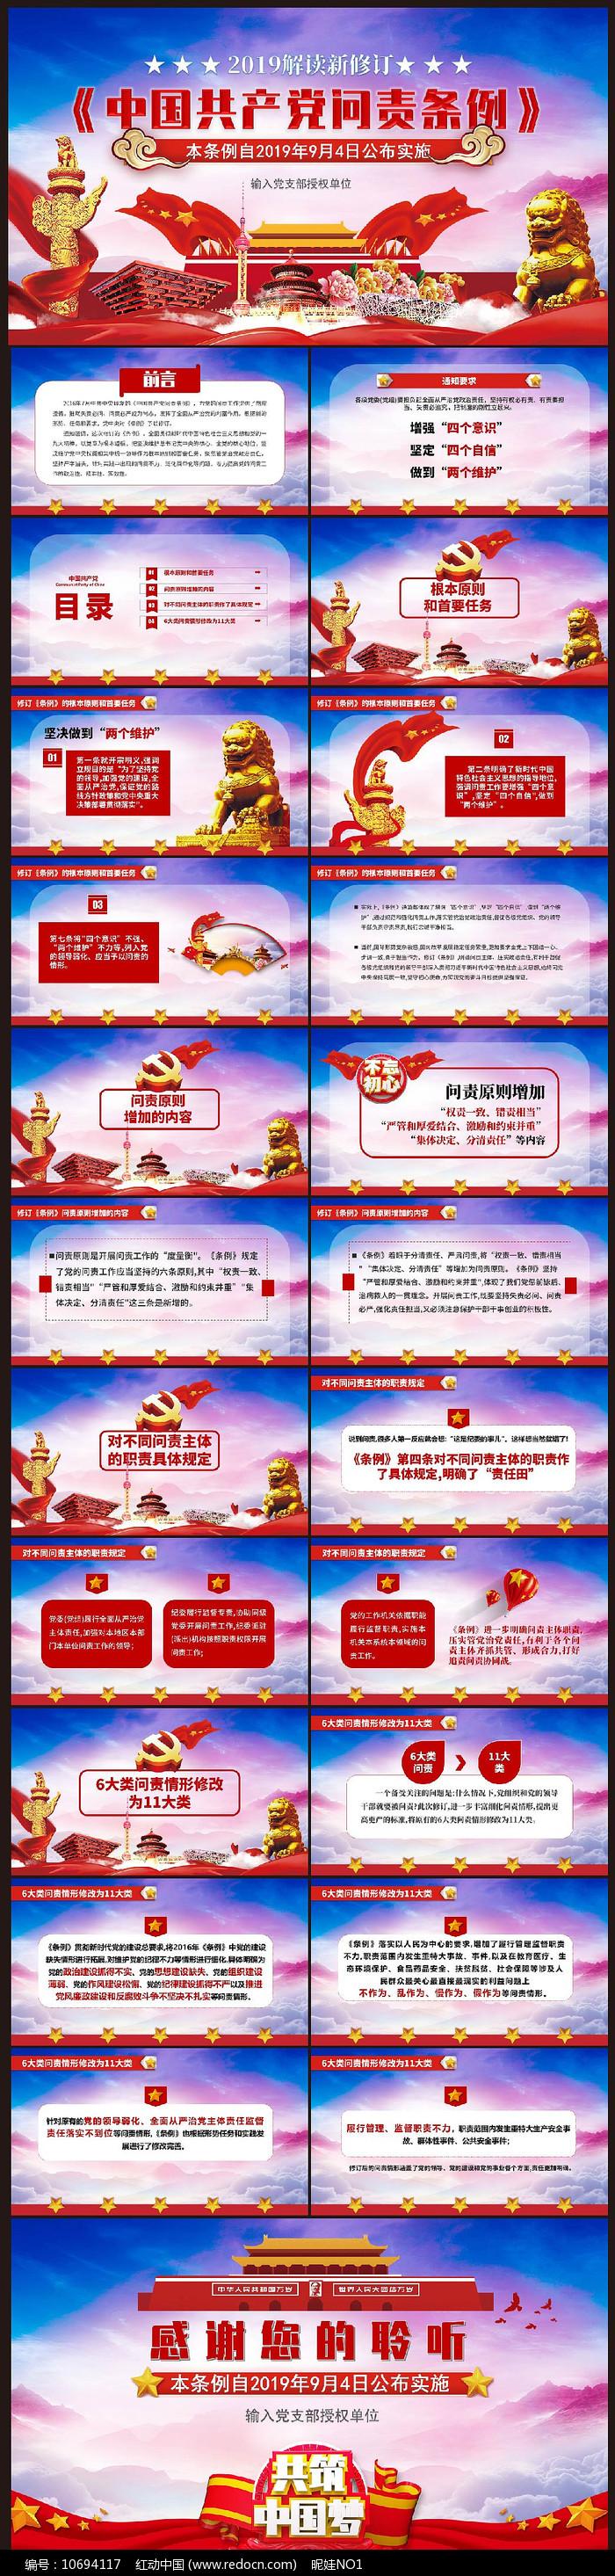 2019中国共产党问责条例ppt图片